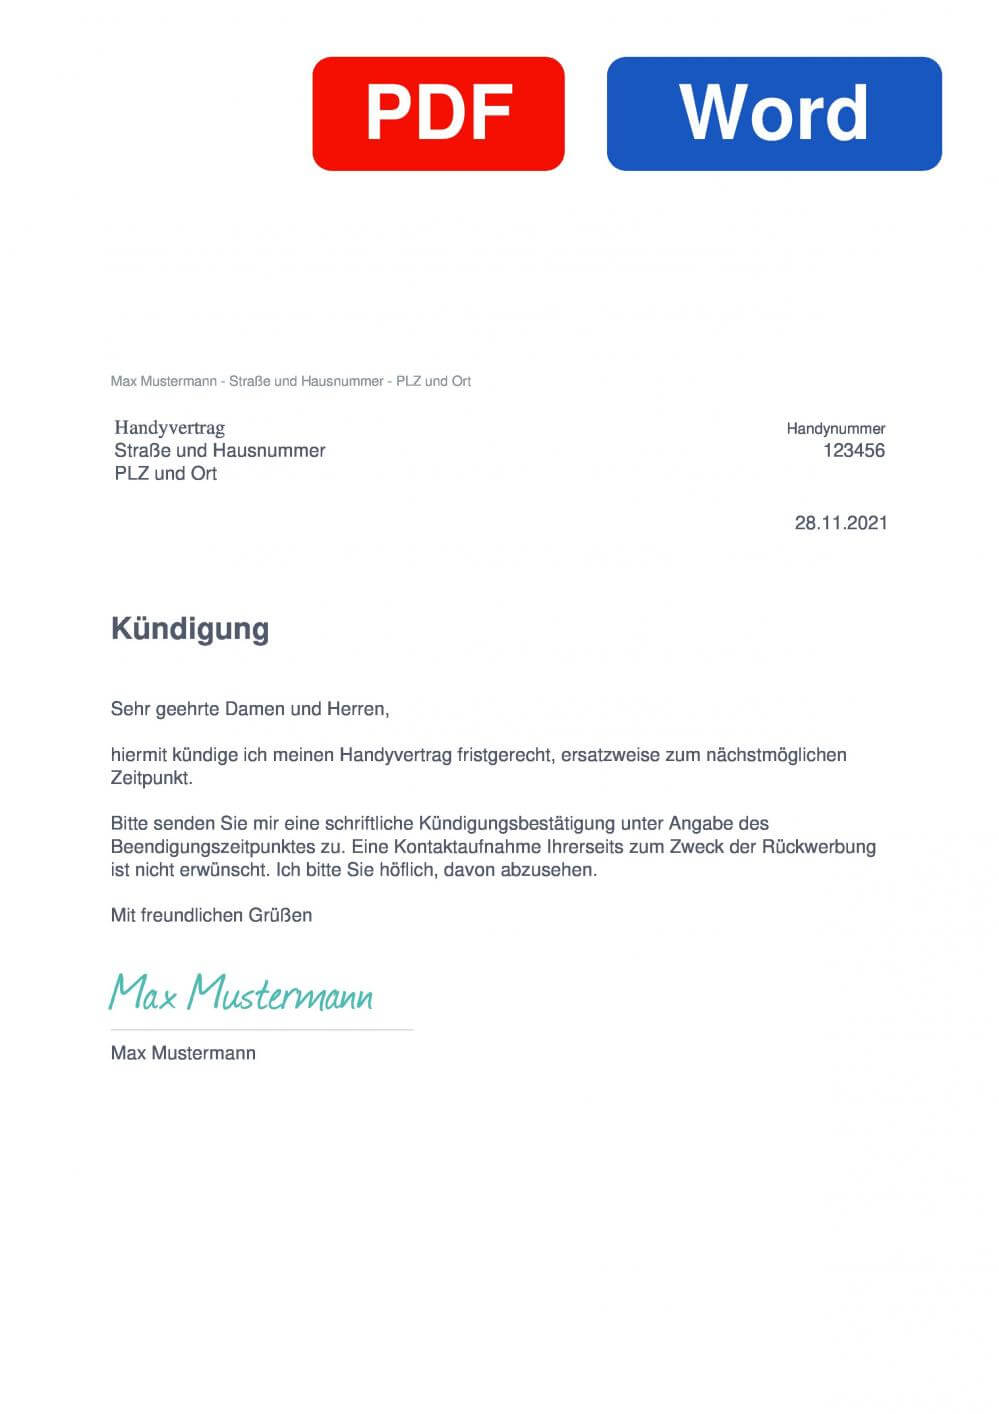 Handyvertrag Muster Vorlage für Kündigungsschreiben